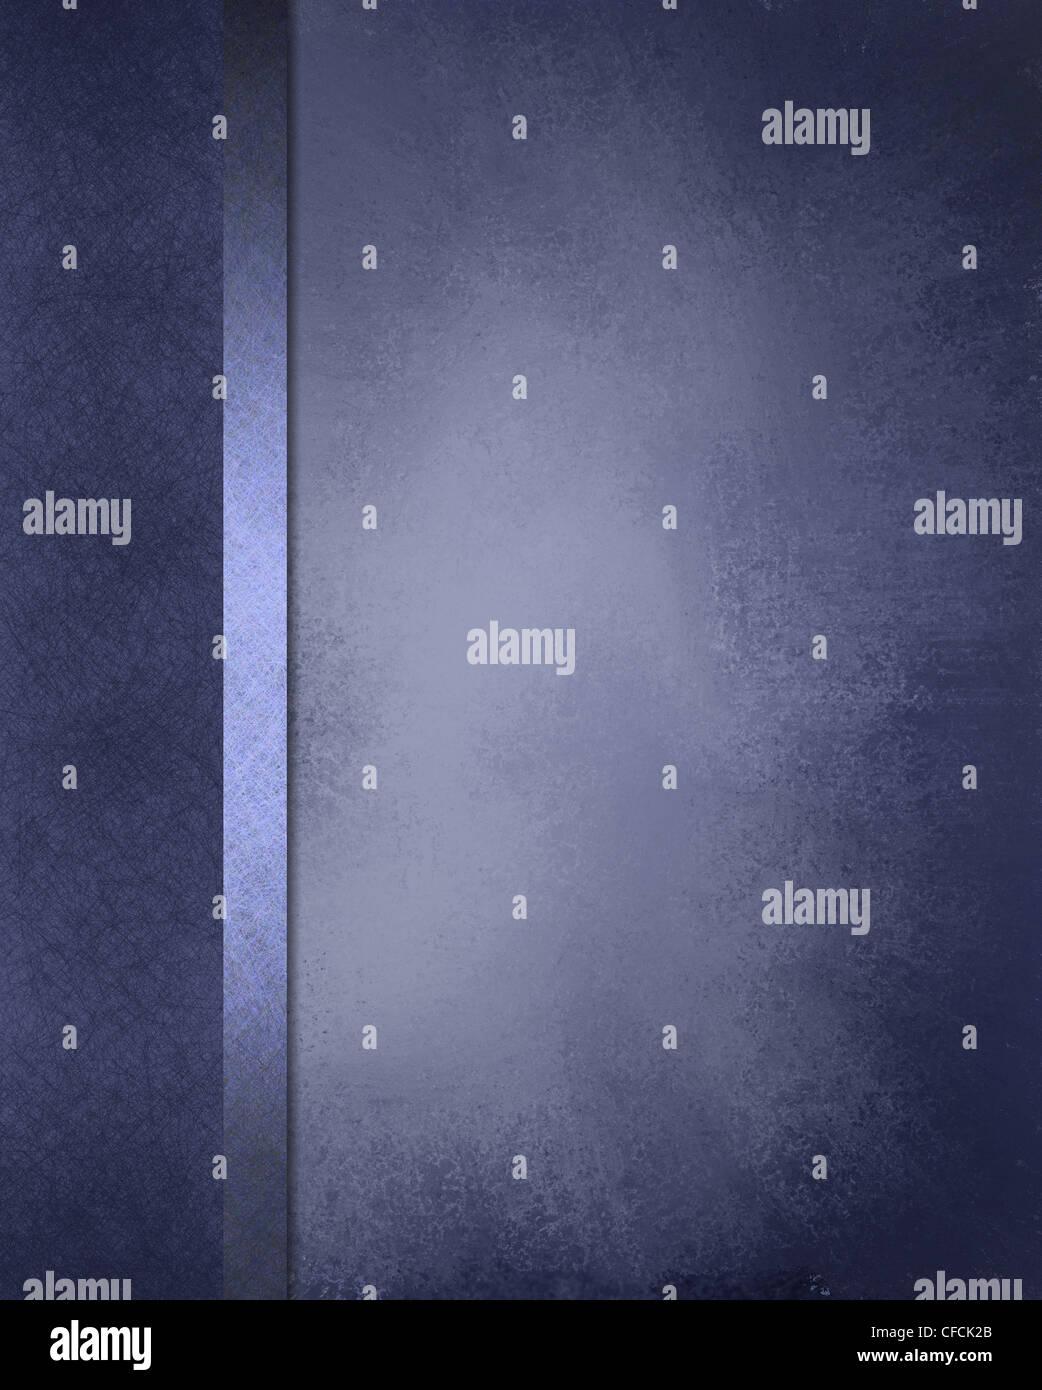 blue background - Stock Image